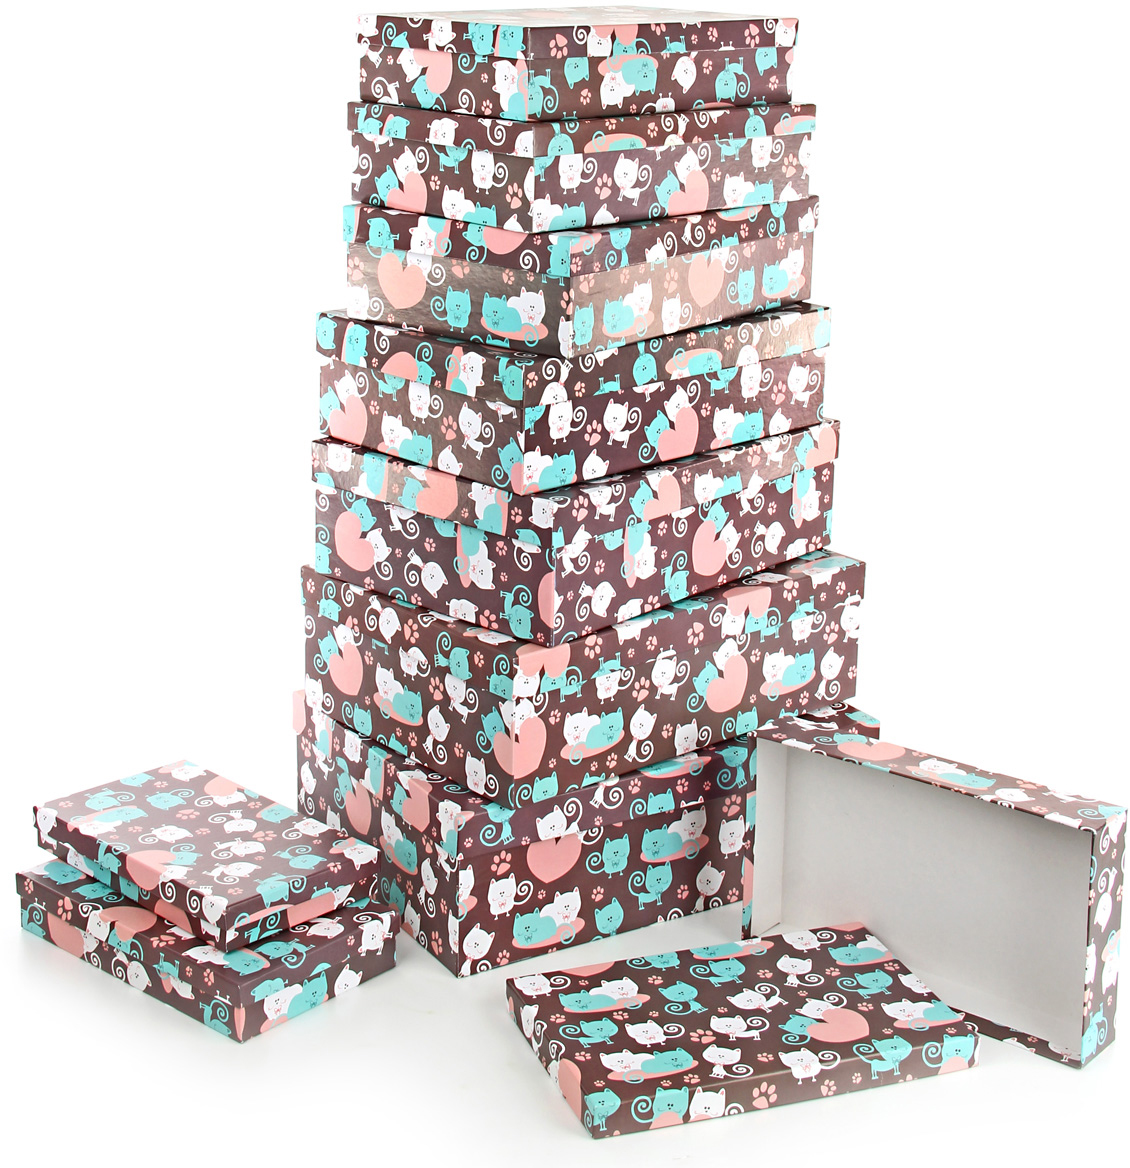 Набор подарочных коробок Veld-Co Усы, лапы и хвост, 10 шт набор подарочных коробок veld co чайные розы 10 шт